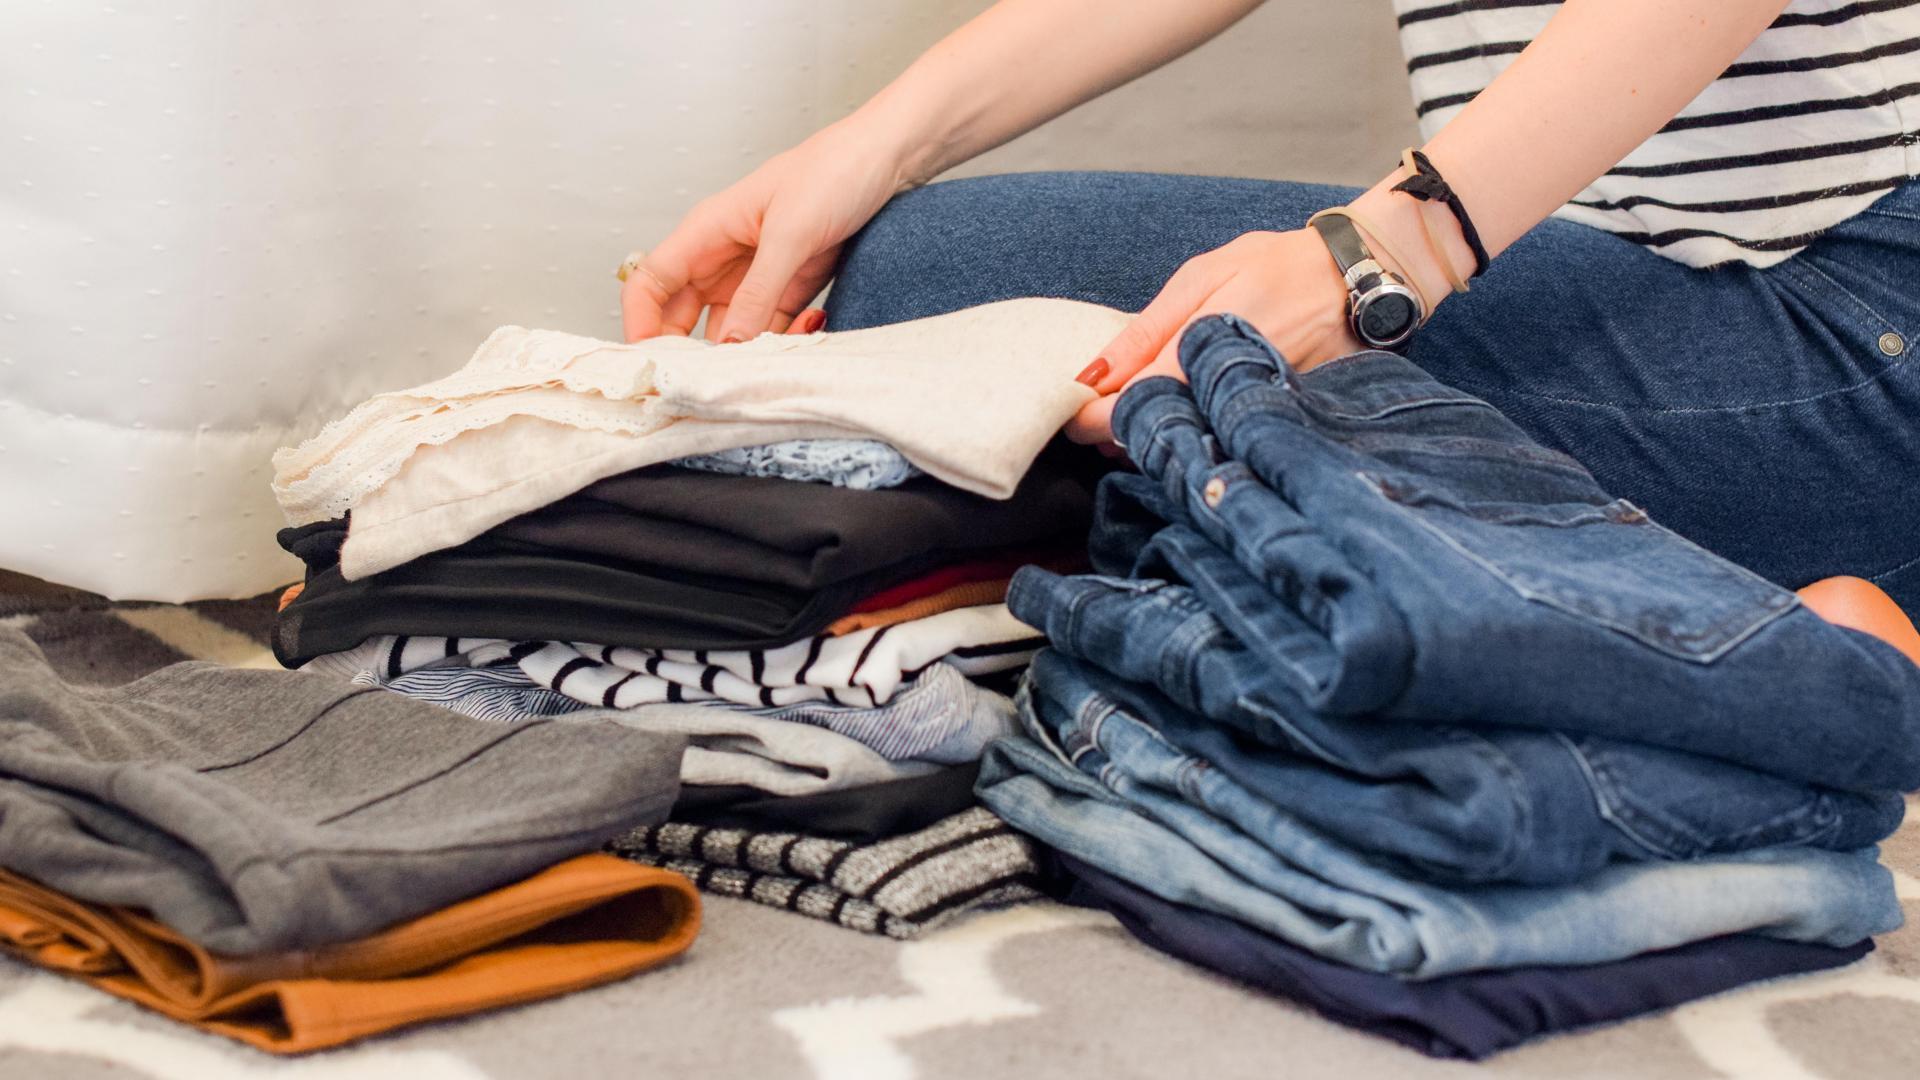 Frau faltet Kleidung